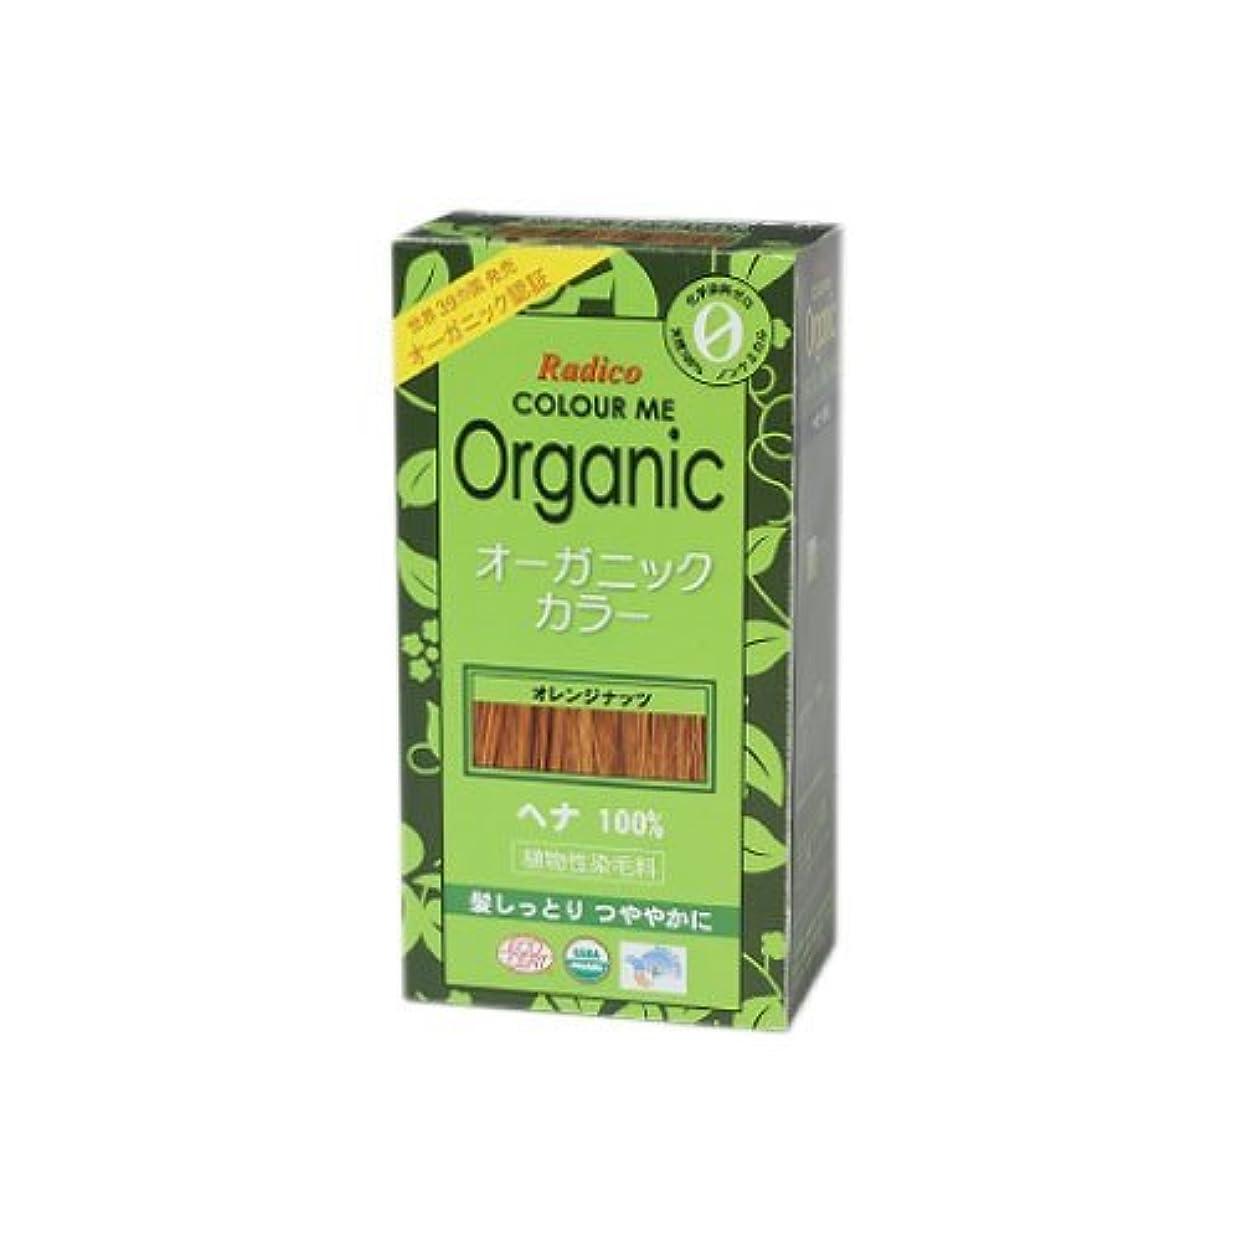 むしろ武装解除一定COLOURME Organic (カラーミーオーガニック ヘナ 白髪用) オレンジナッツ 100g